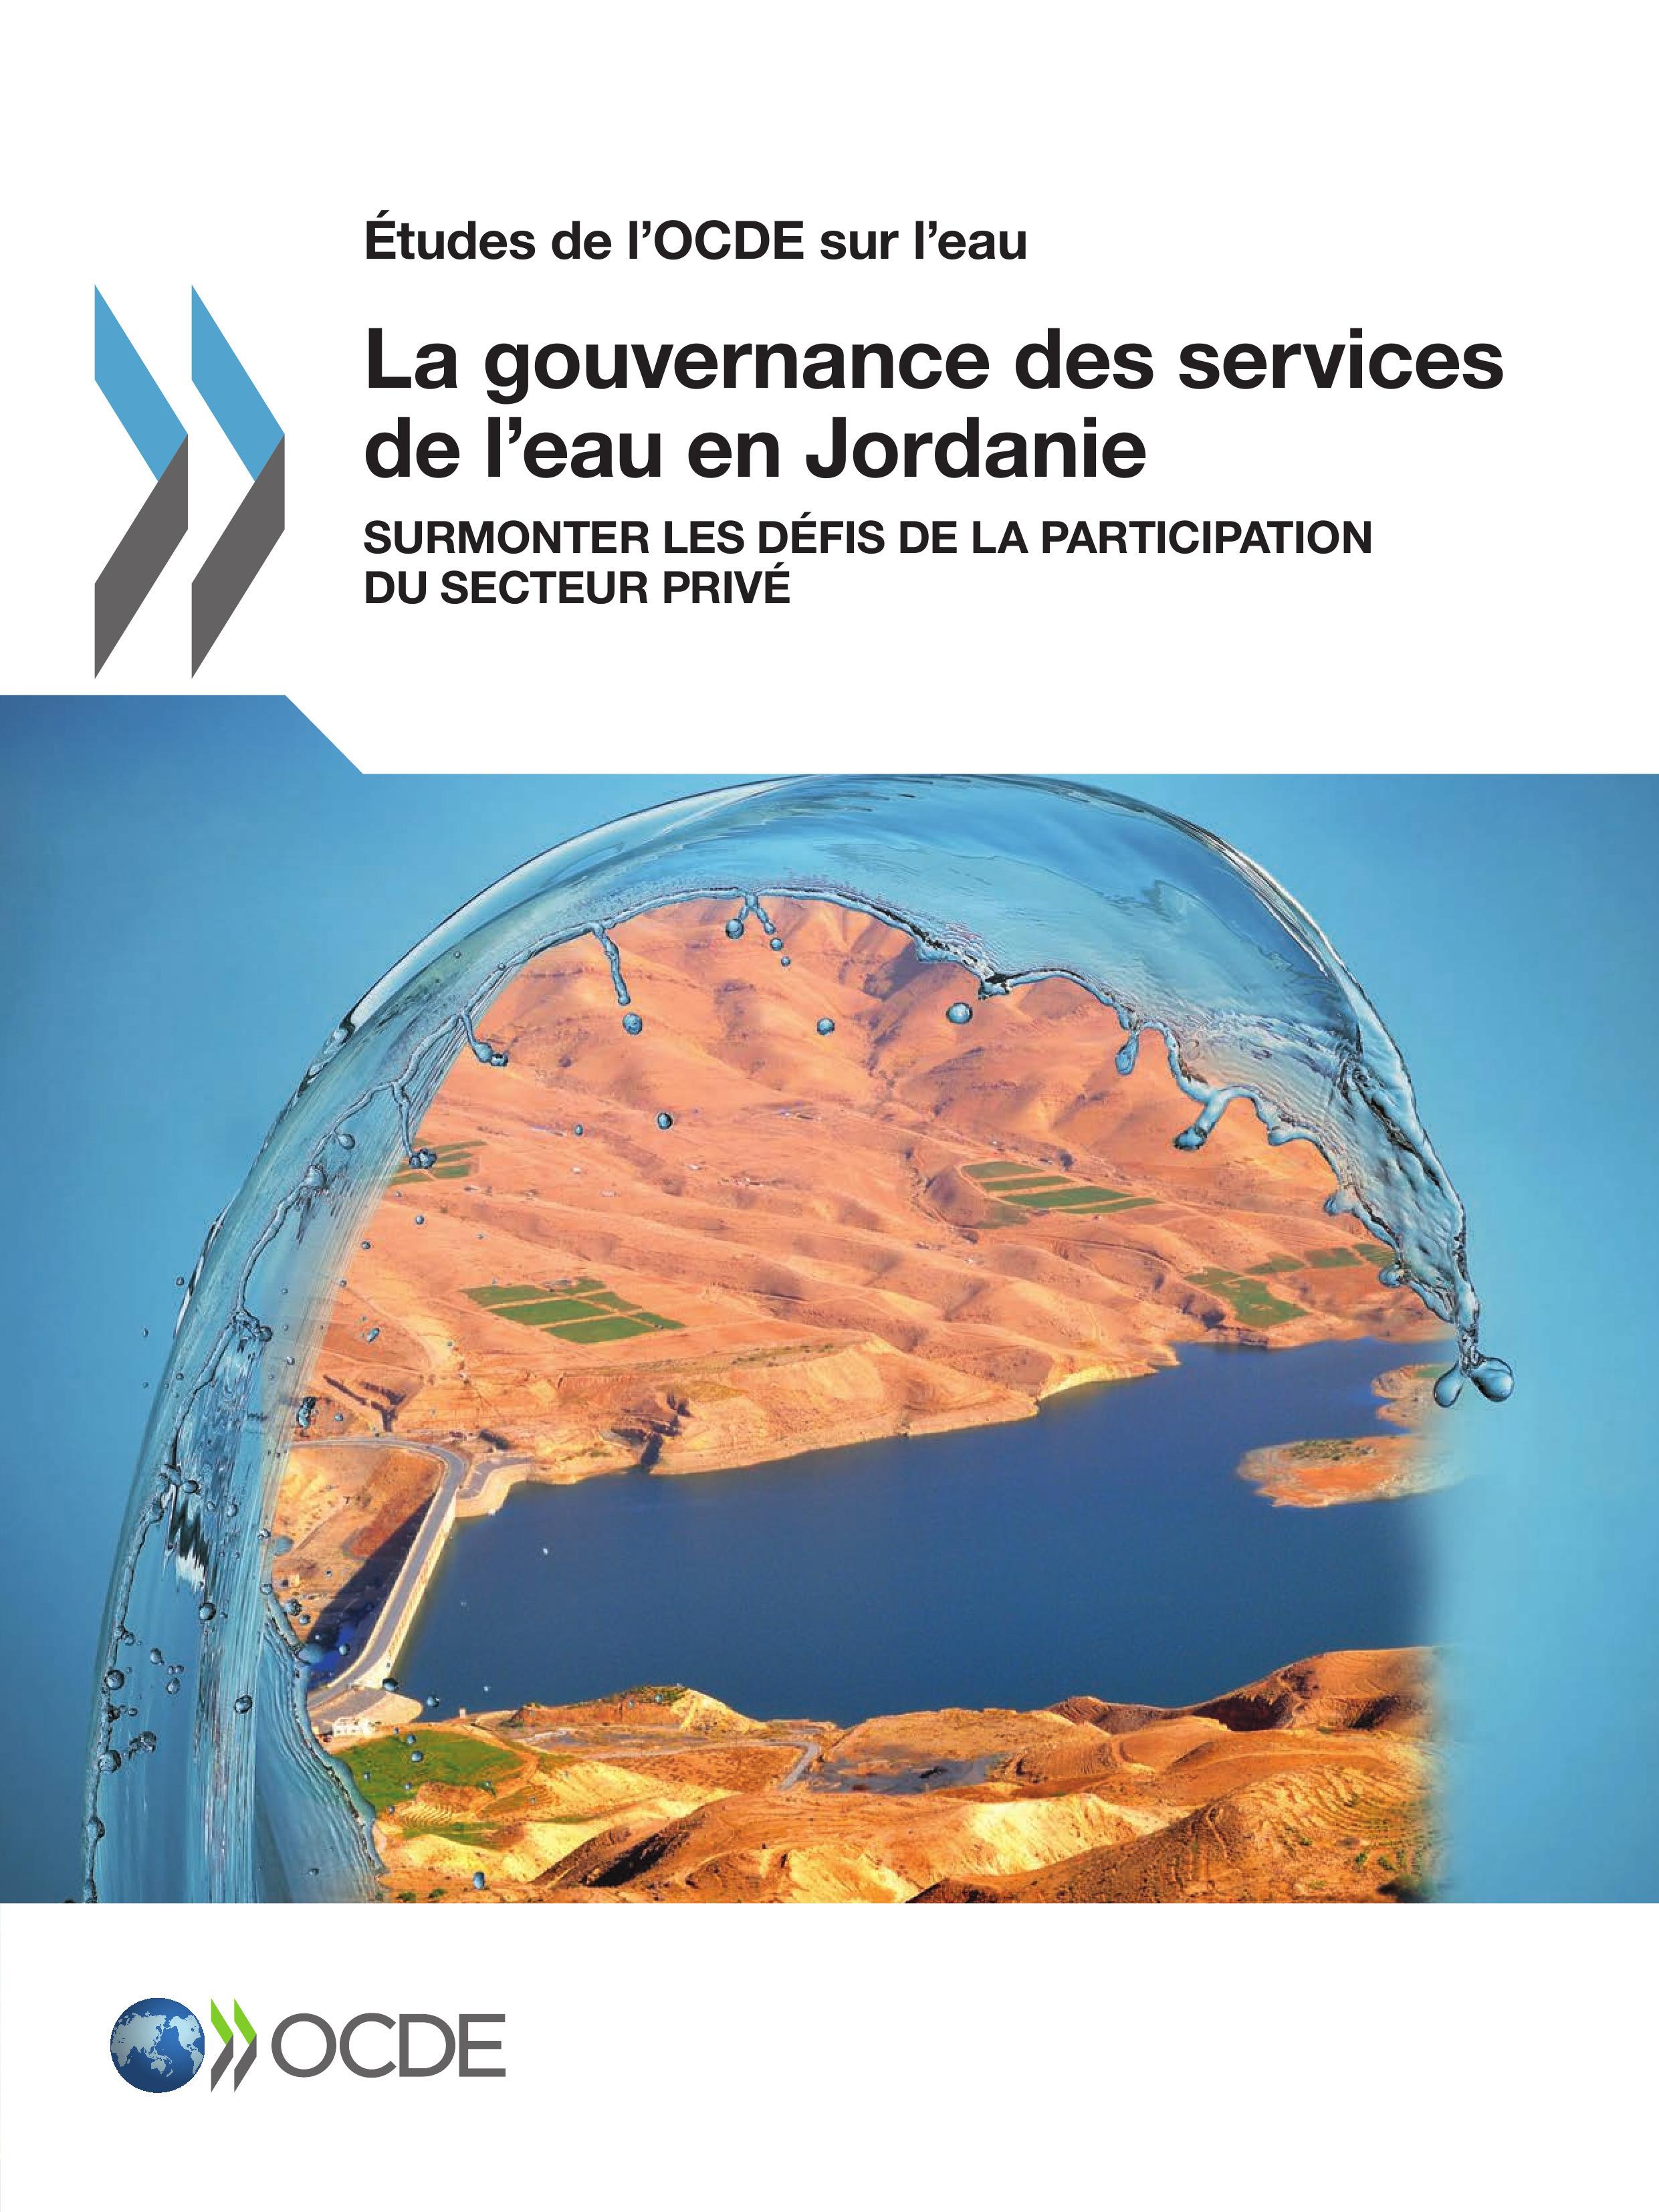 La gouvernance des services de l'eau en Jordanie  - . Collectif